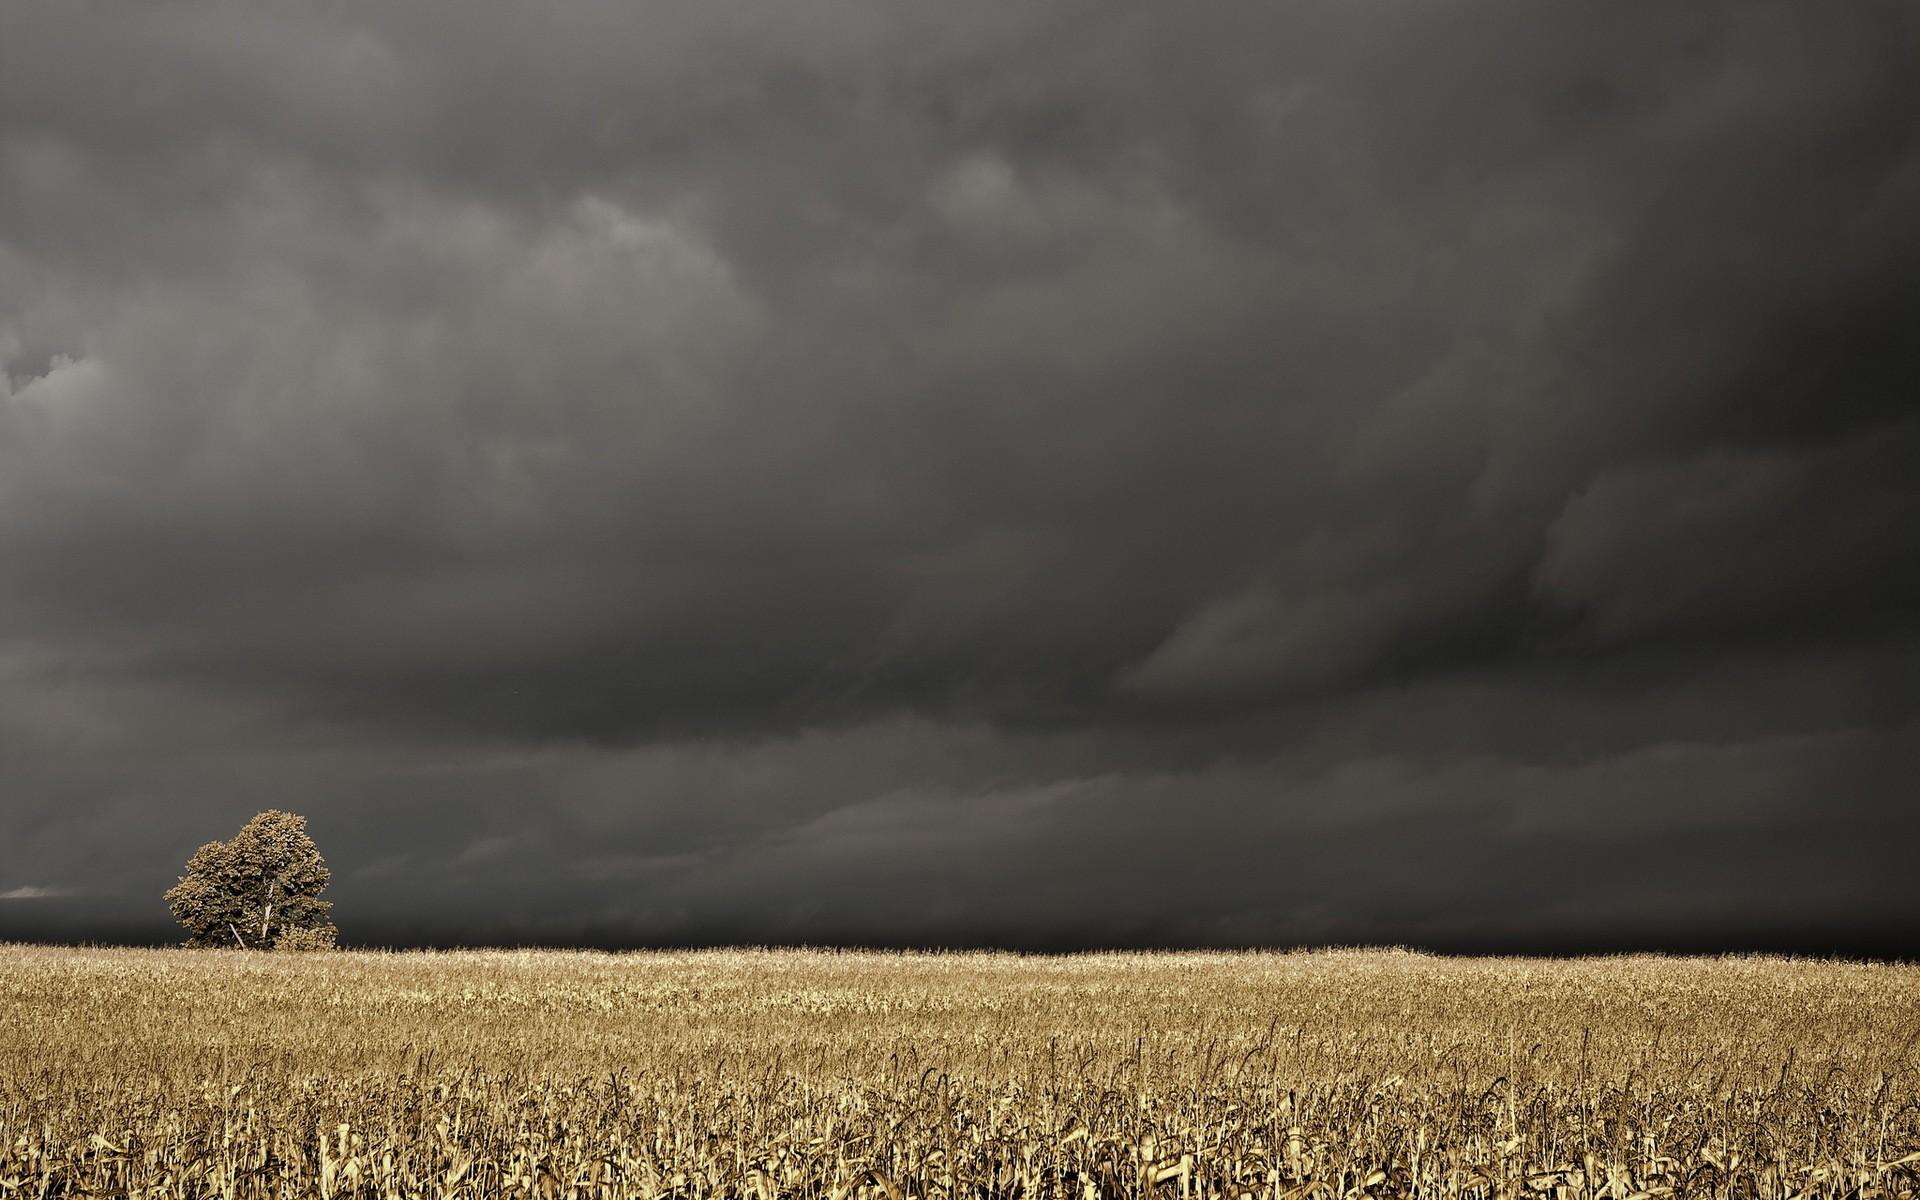 человека есть картинки на телефон пасмурная погода самый